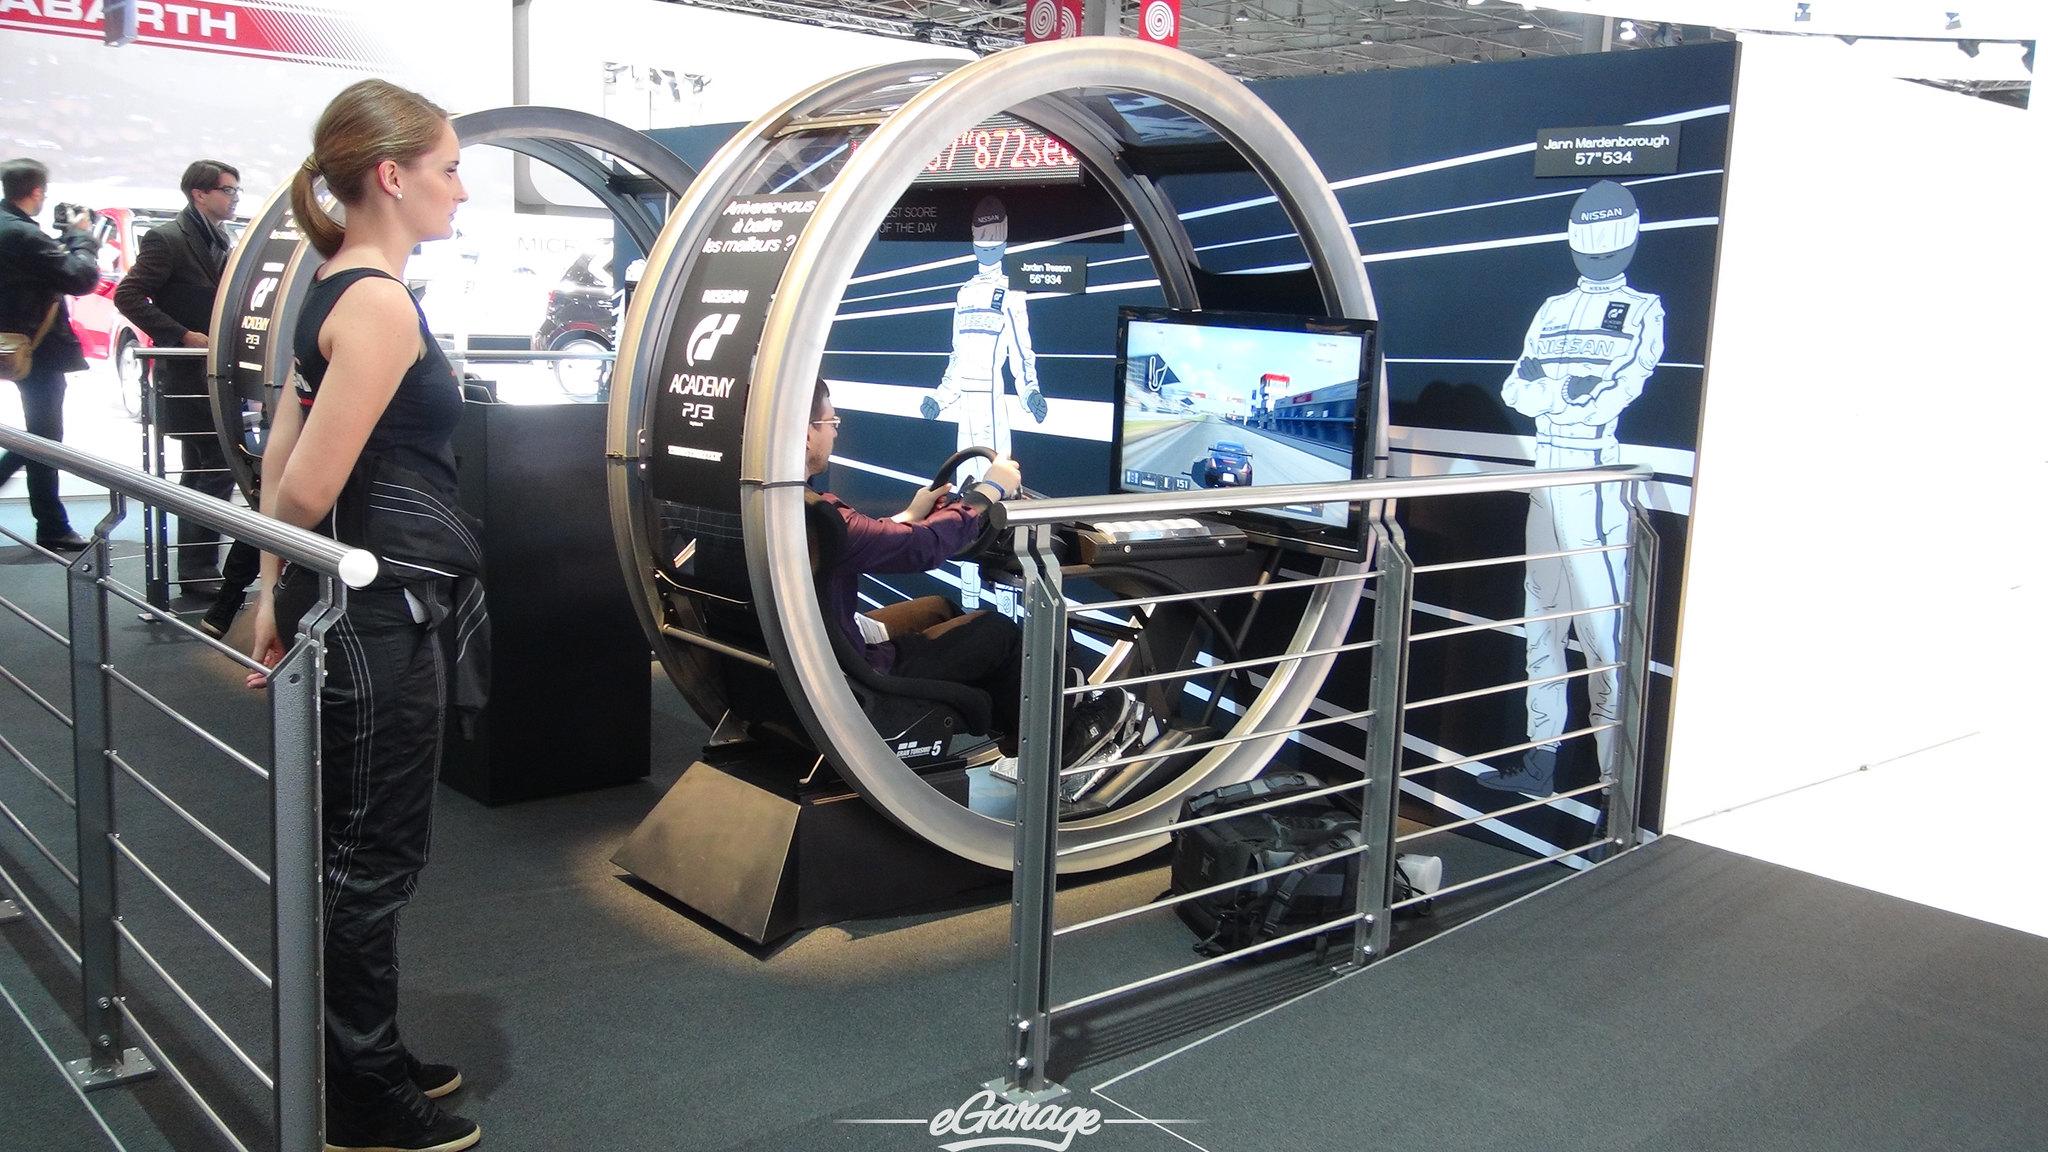 8034745271 c91d3c7644 k 2012 Paris Motor Show